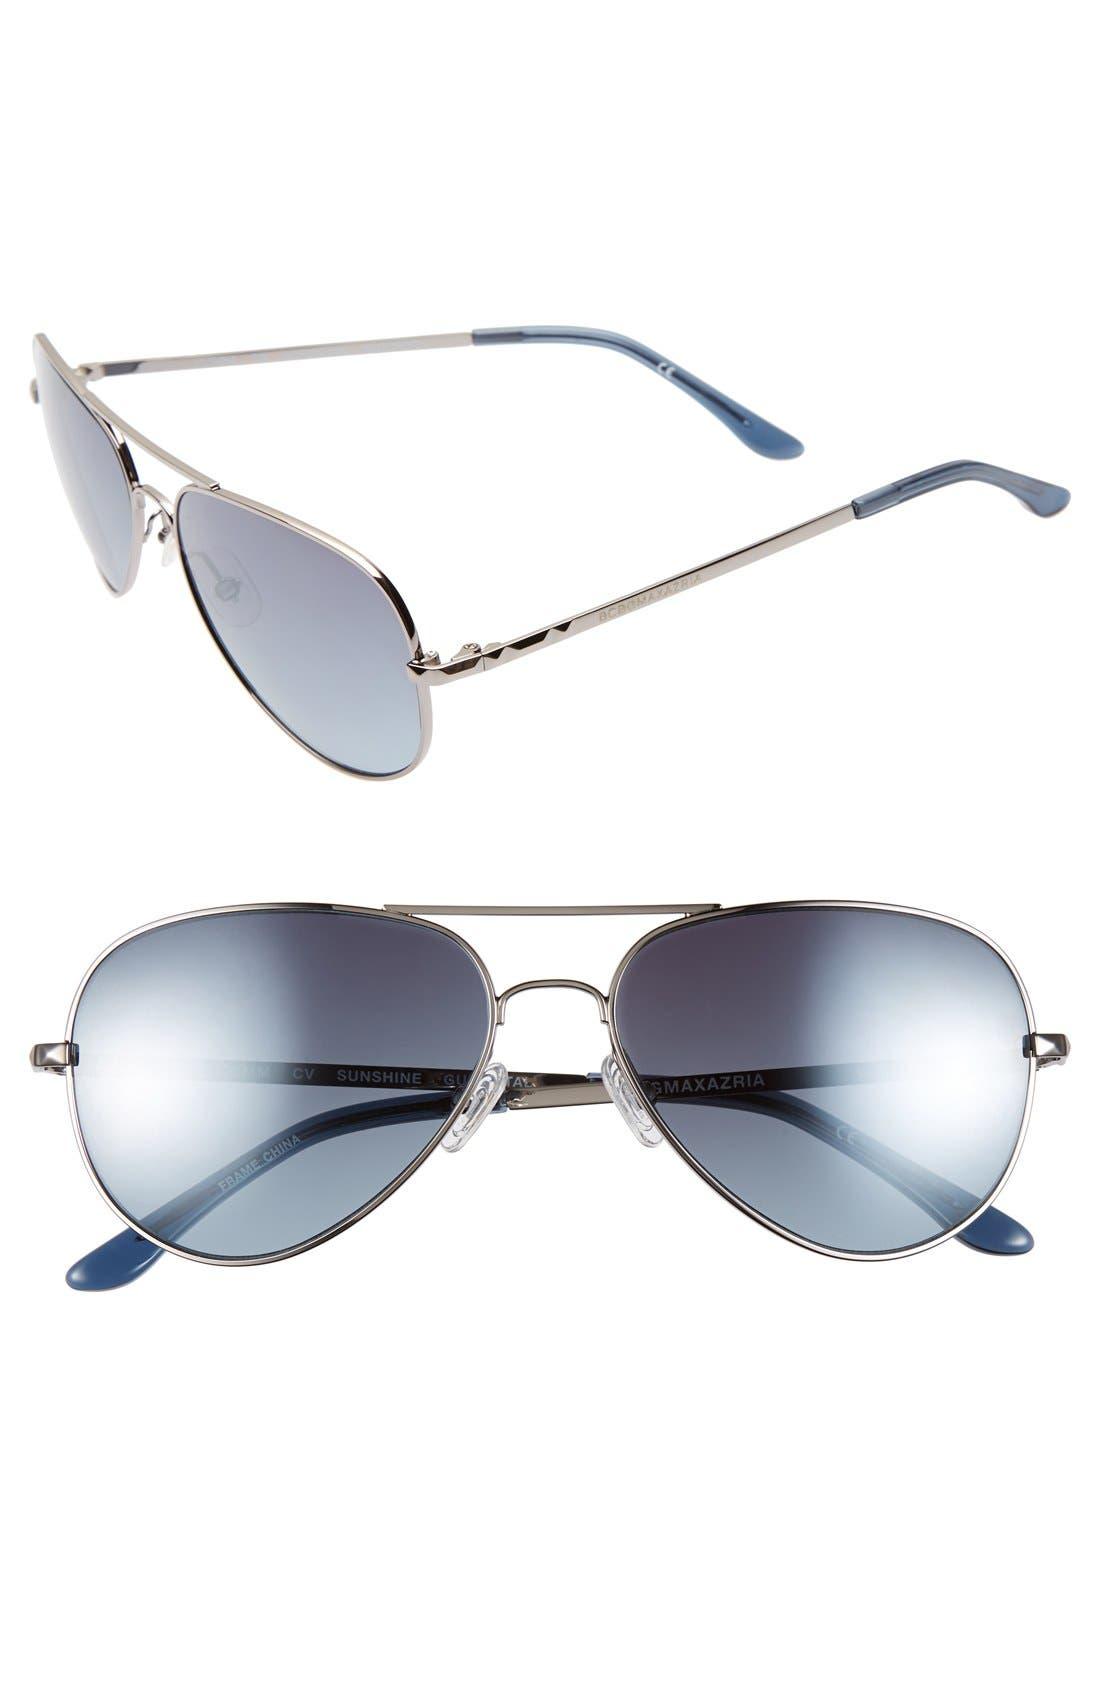 Main Image - BCBGMAXAZRIA 'Sunshine' 55mm Aviator Sunglasses